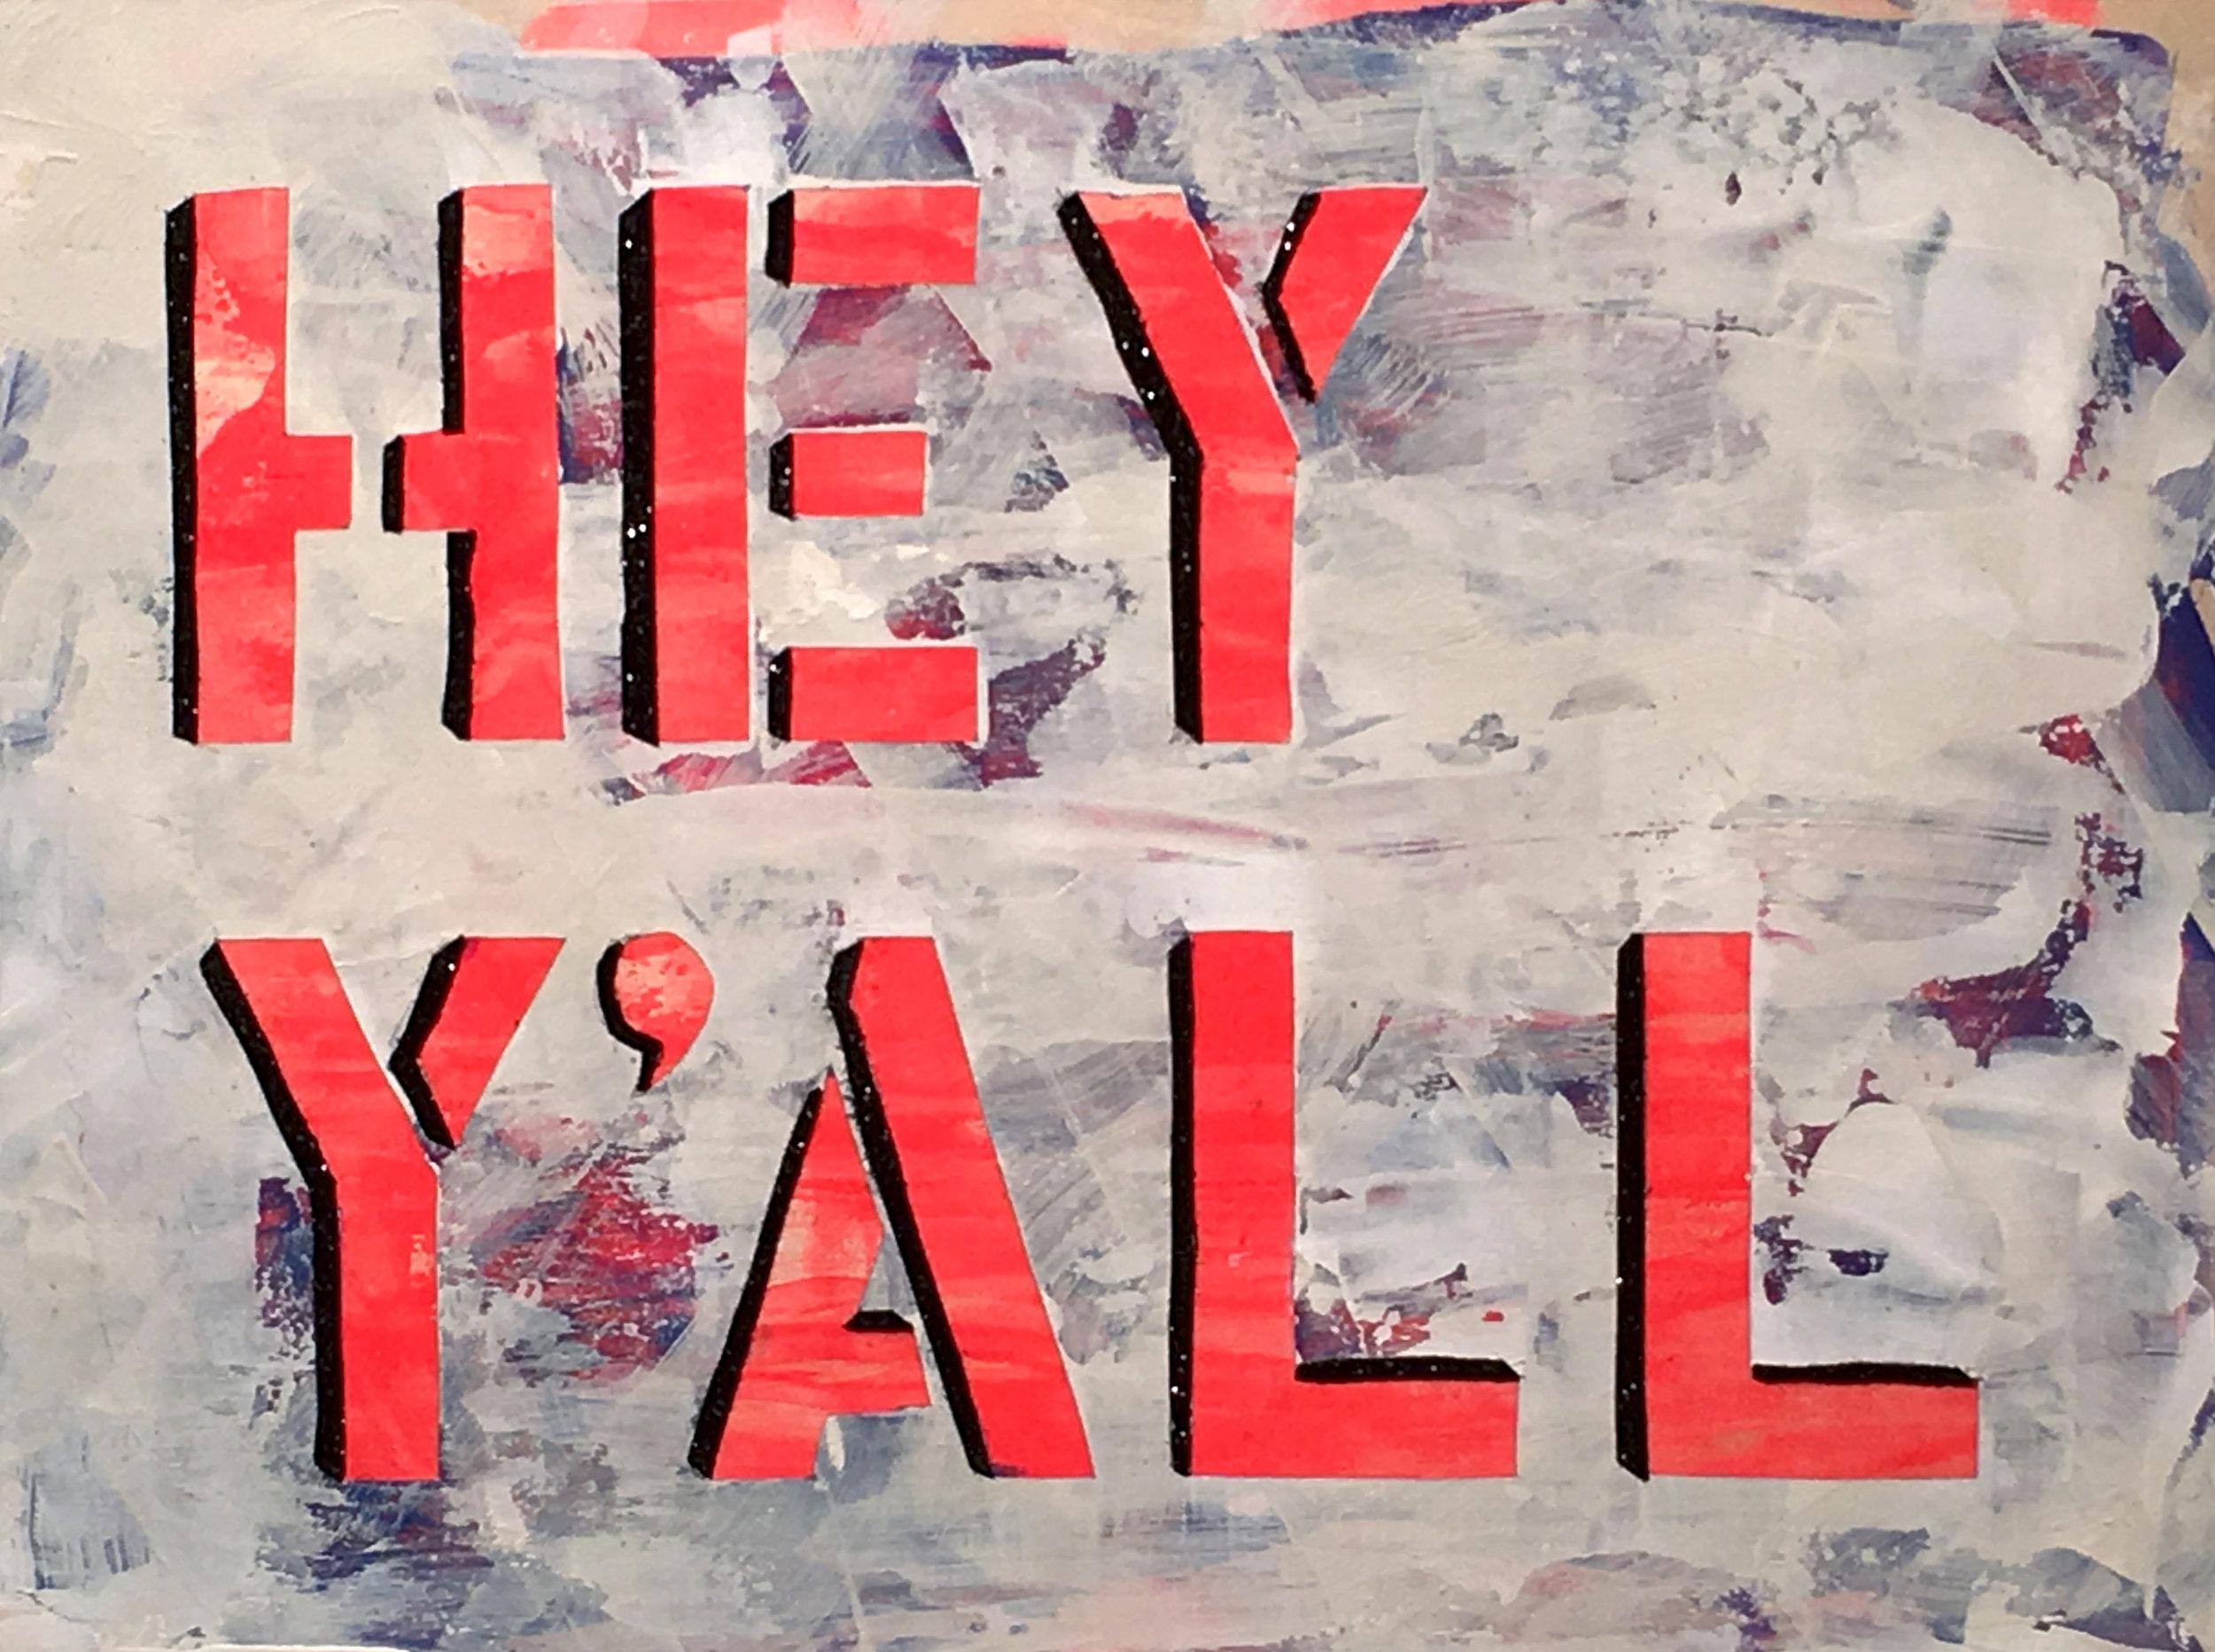 HeyYall.jpg